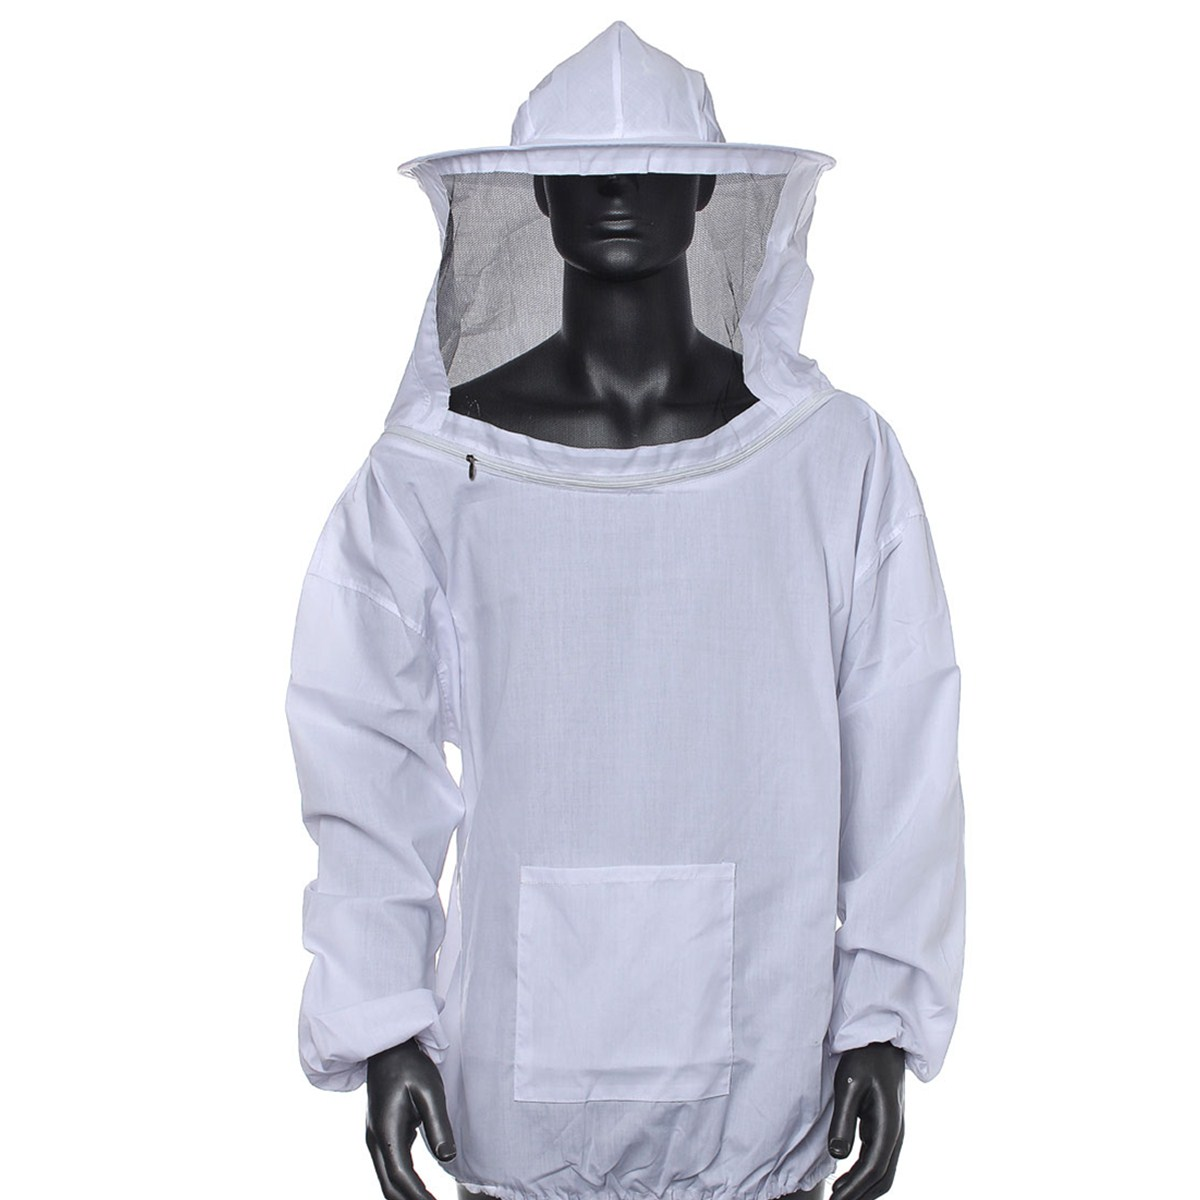 Protettivo Apicoltore Apicoltura Giacca Velo Vestito Con Cappello Cotone 4 Color